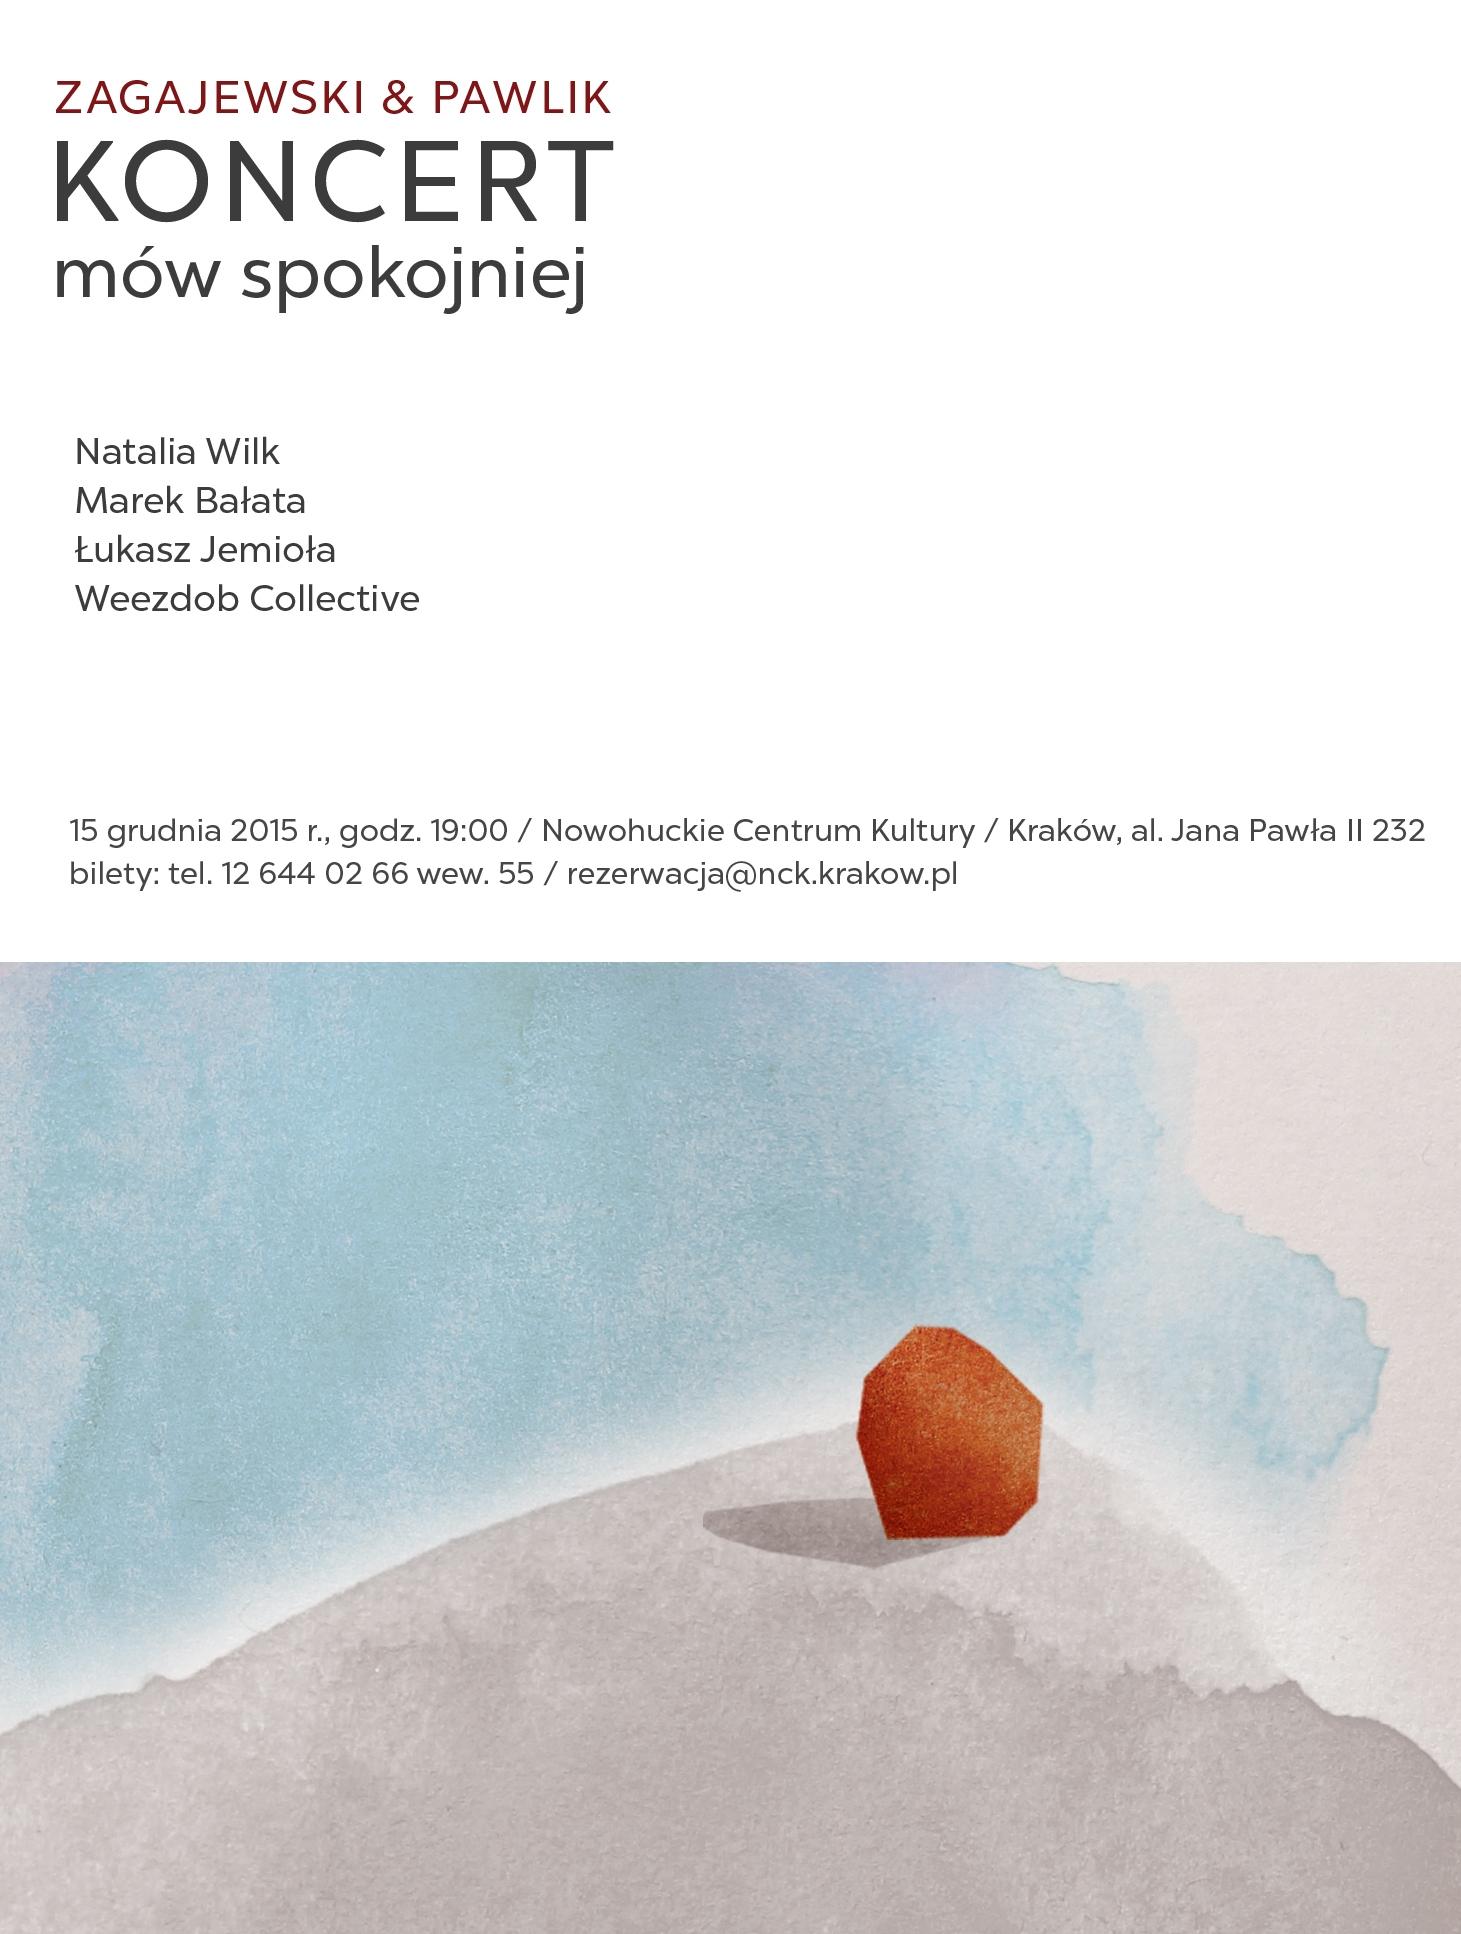 """""""Mów spokojniej"""" Zagajewski & Pawlik − plakat (źródło: materiały prasowe organizatora)"""